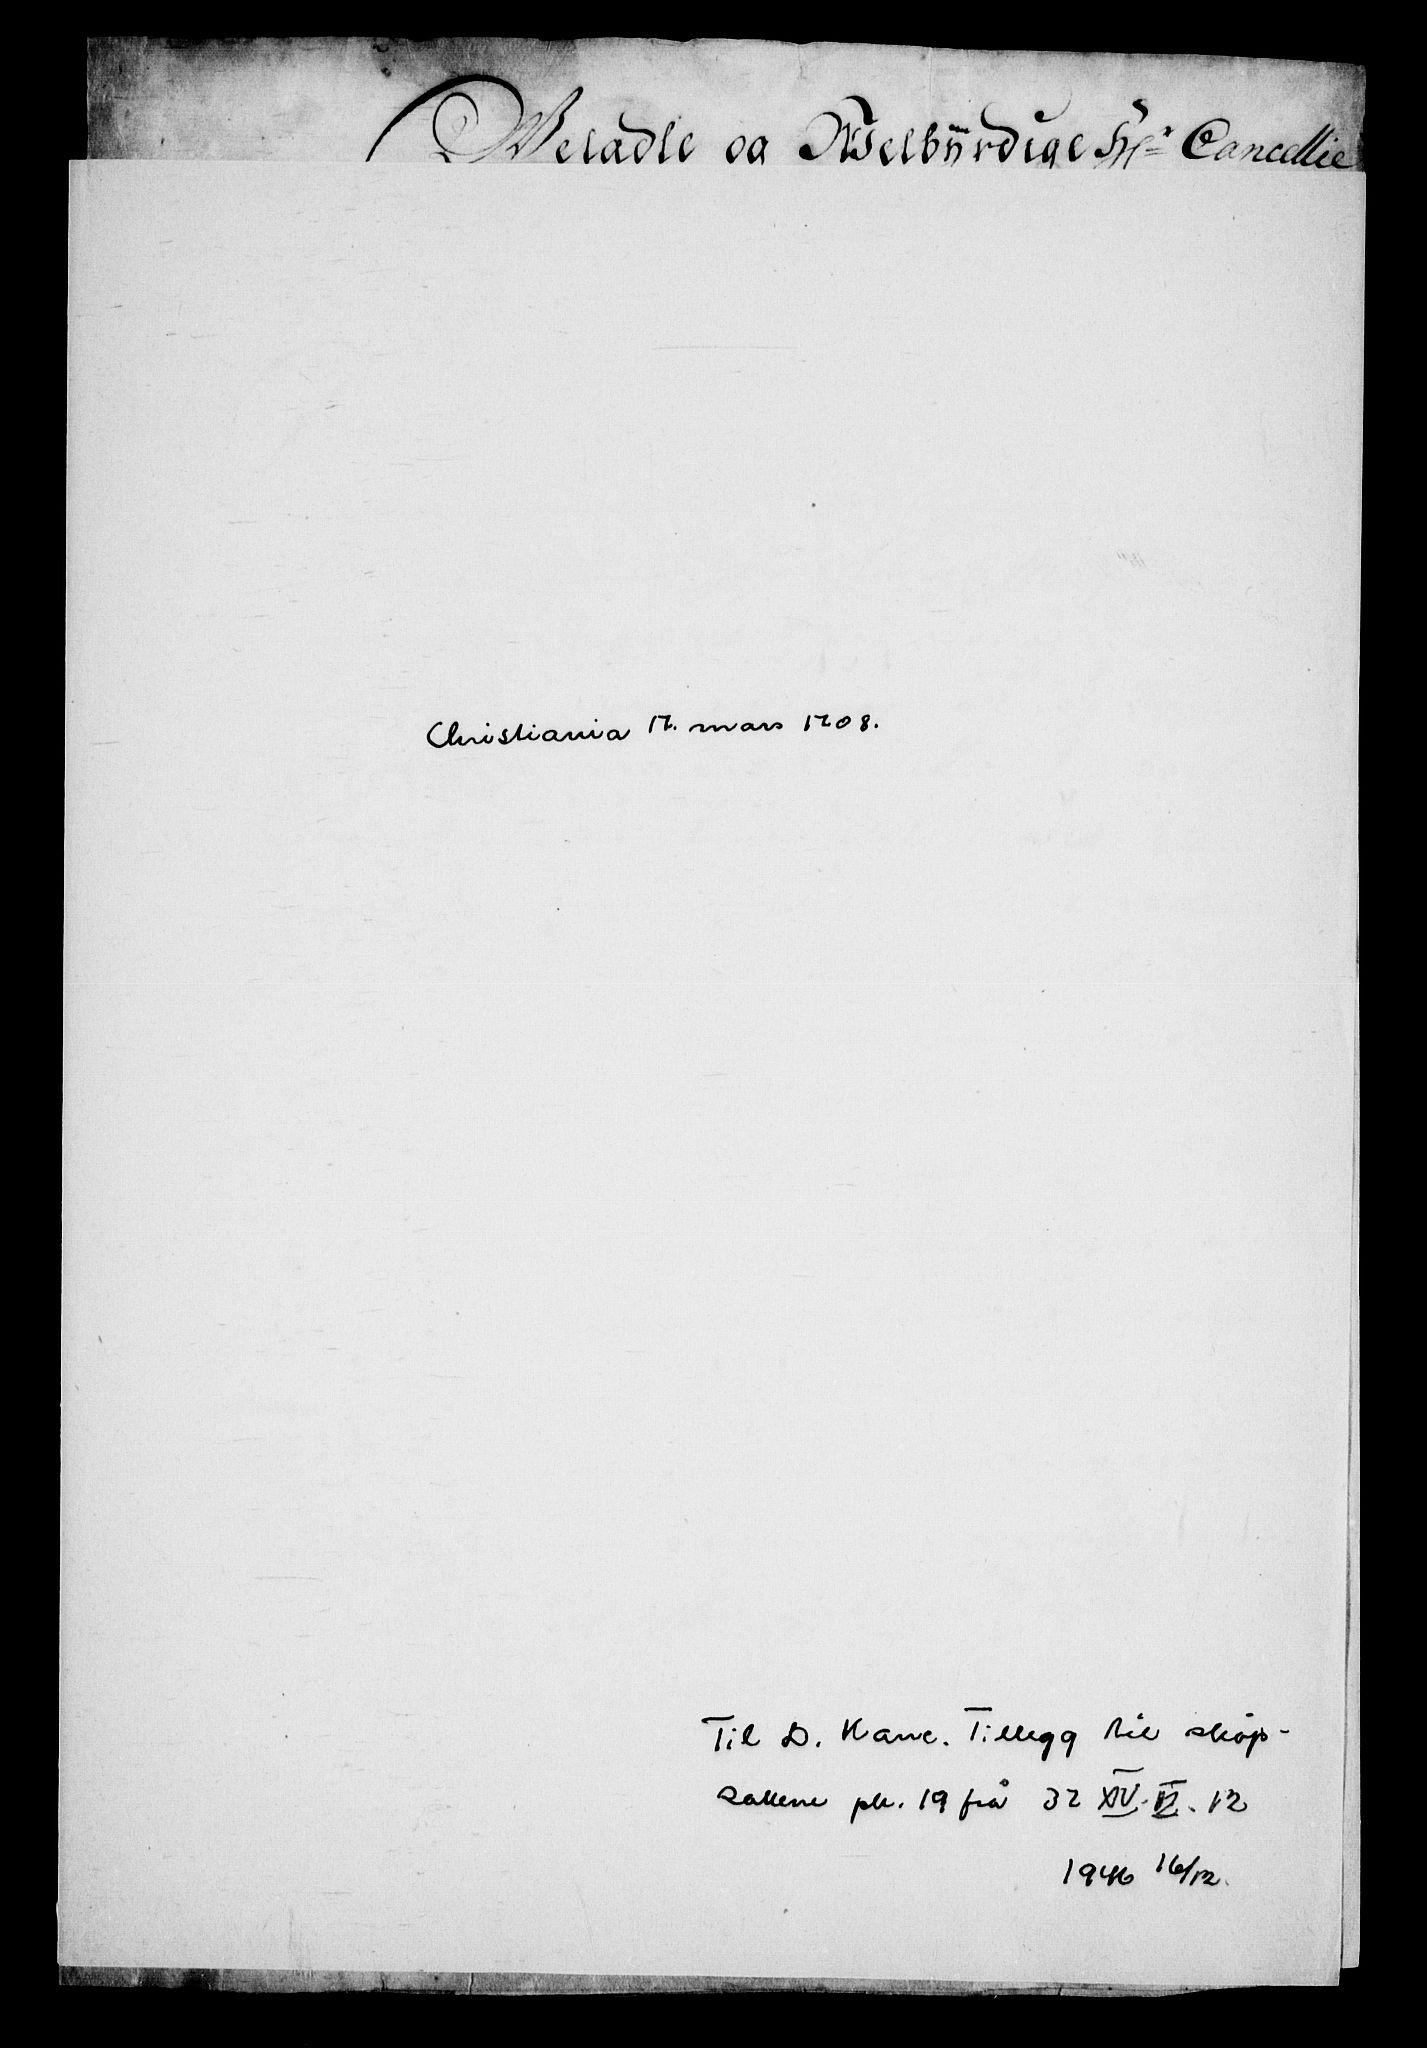 RA, Danske Kanselli, Skapsaker, G/L0019: Tillegg til skapsakene, 1616-1753, s. 350